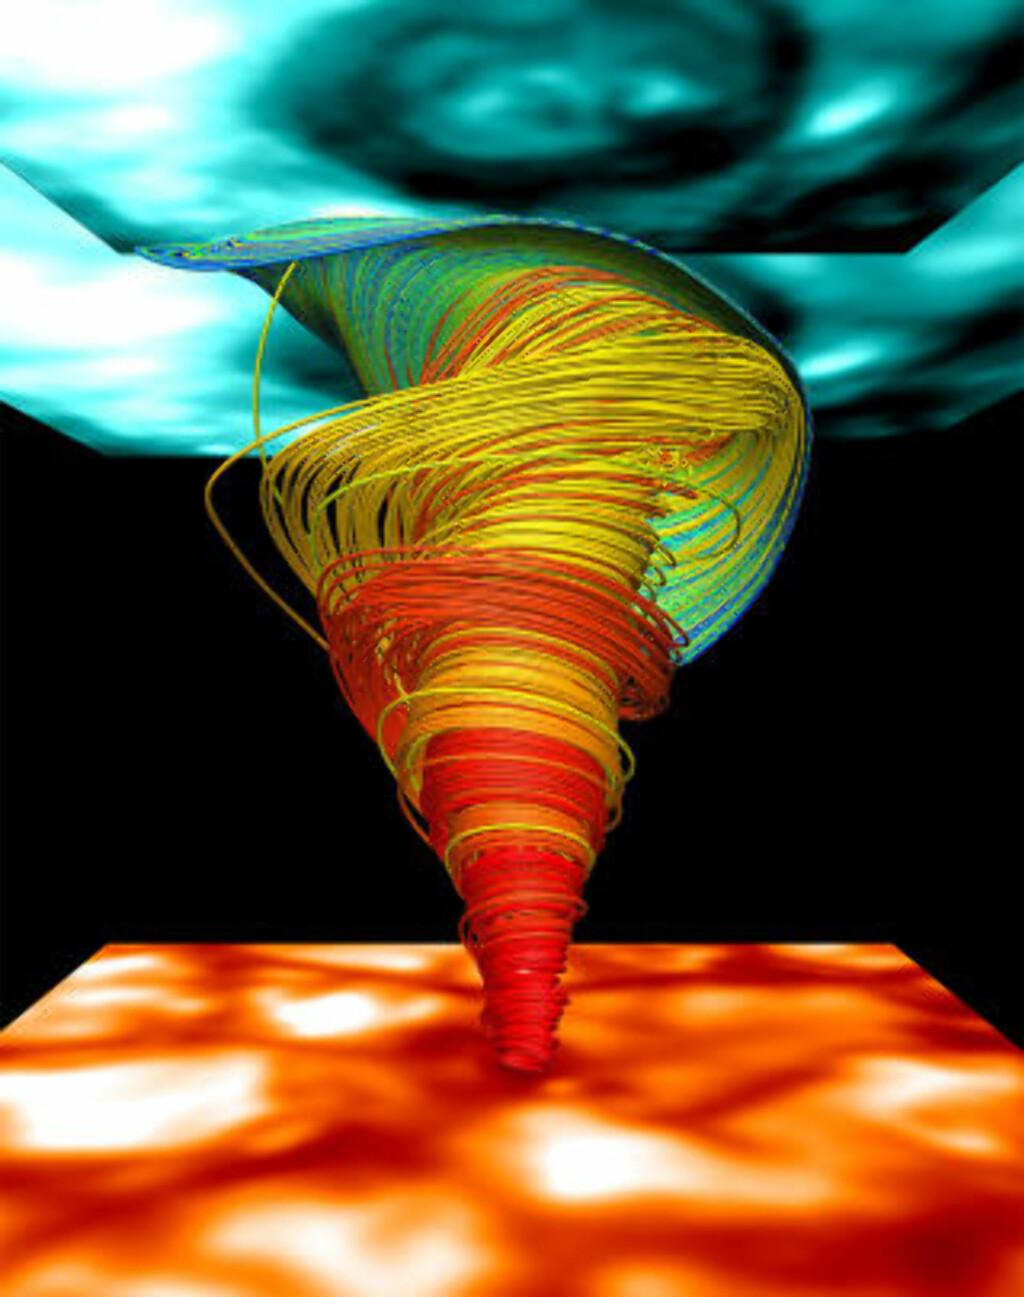 IKKE FARLIG FOR JORDA: Bildet av solas overflate vises i oransje under soltornadoen og tornadoens virvelsignatur vises i blått over. Soltornadoene er ikke farlig for oss her hjemme. Illustrasjon: Wedemeyer-Böhm et al. (2012). Laget vha VAPOR.